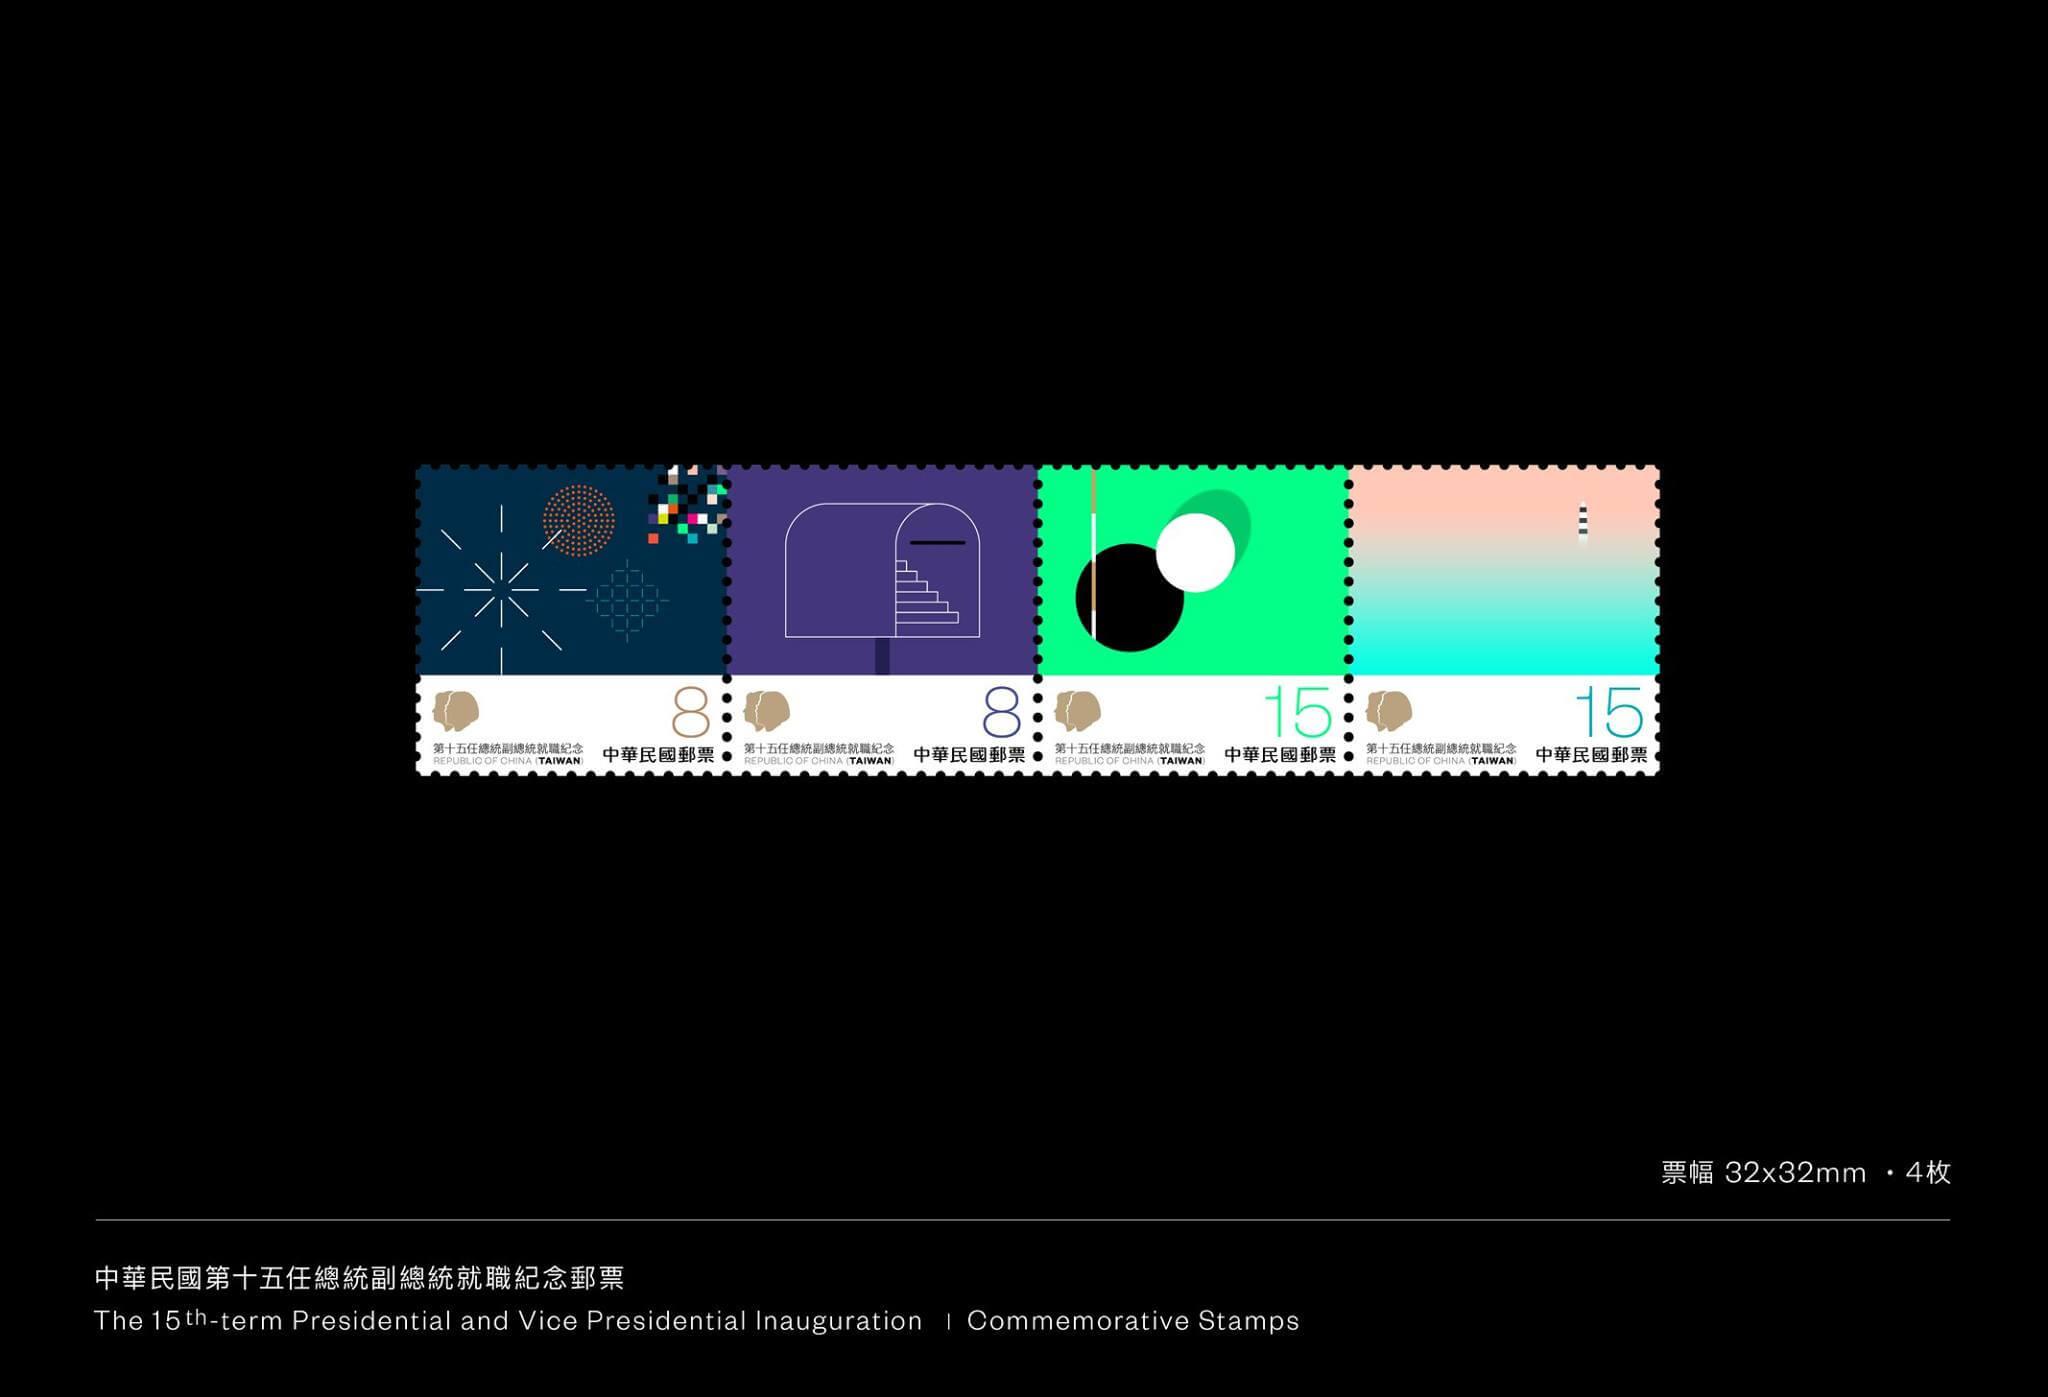 聶永真,陳聖智設計 表現「民主・就位・方向・綻放」 -設計- 明周文化